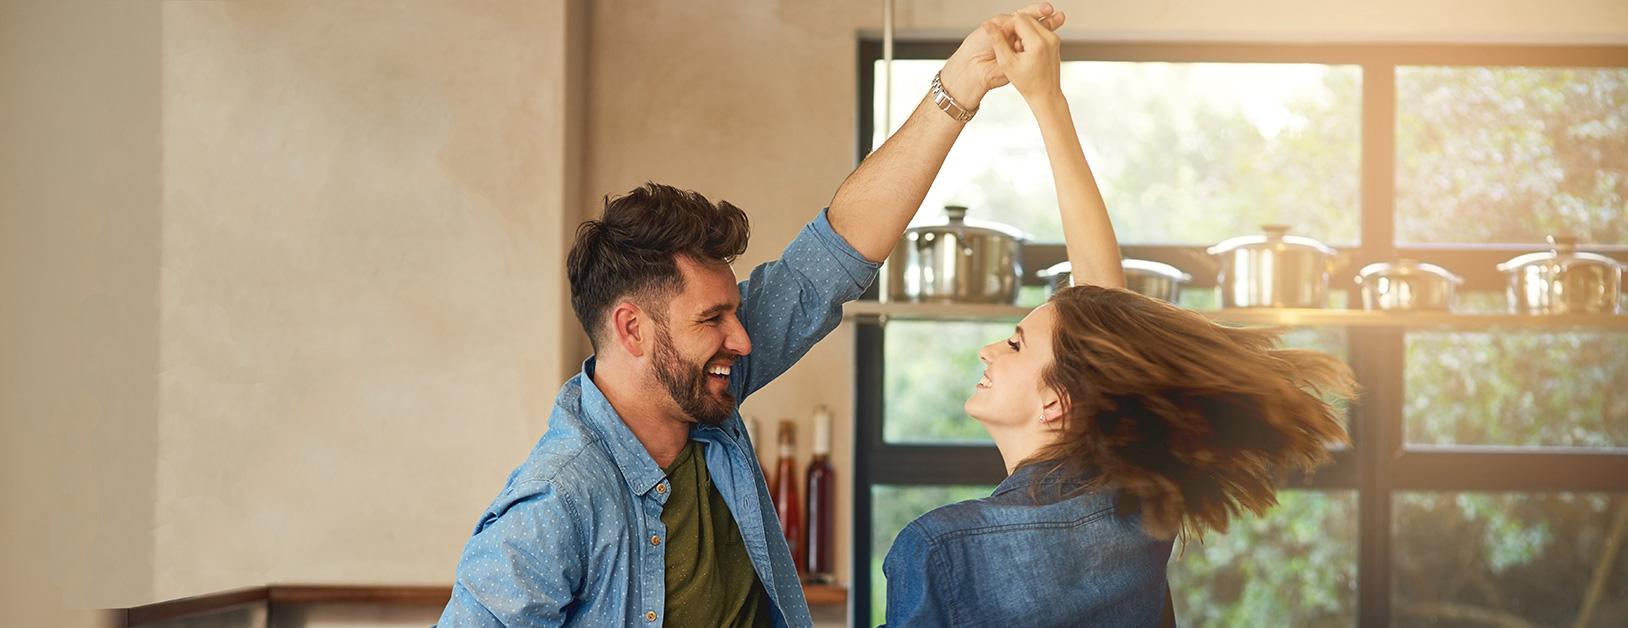 Tanzendes Paar in der Küche